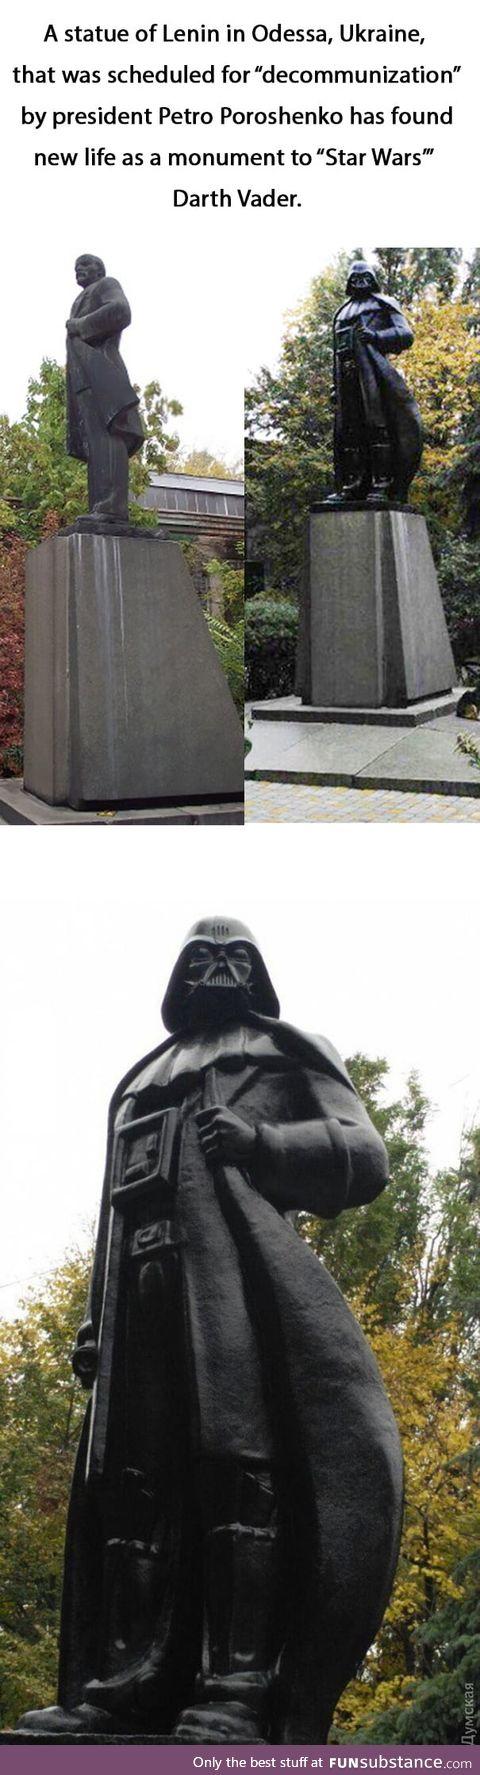 Lenin statue turned into darth vader !